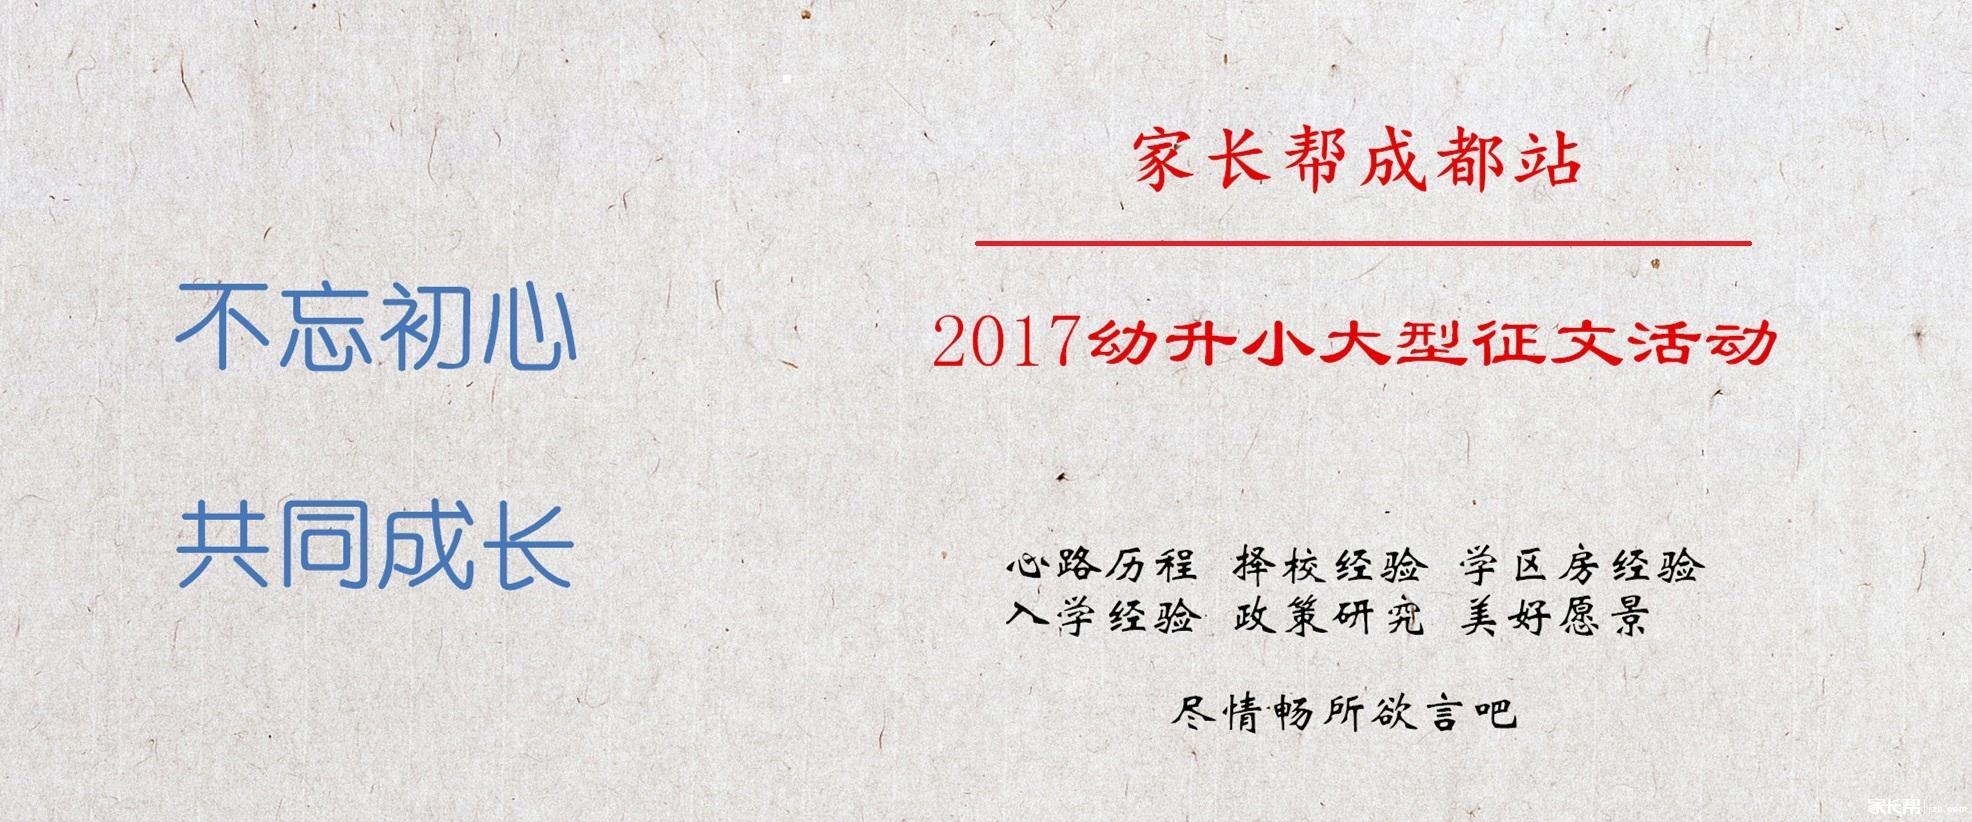 suse_zhiwen-108_副本.jpg